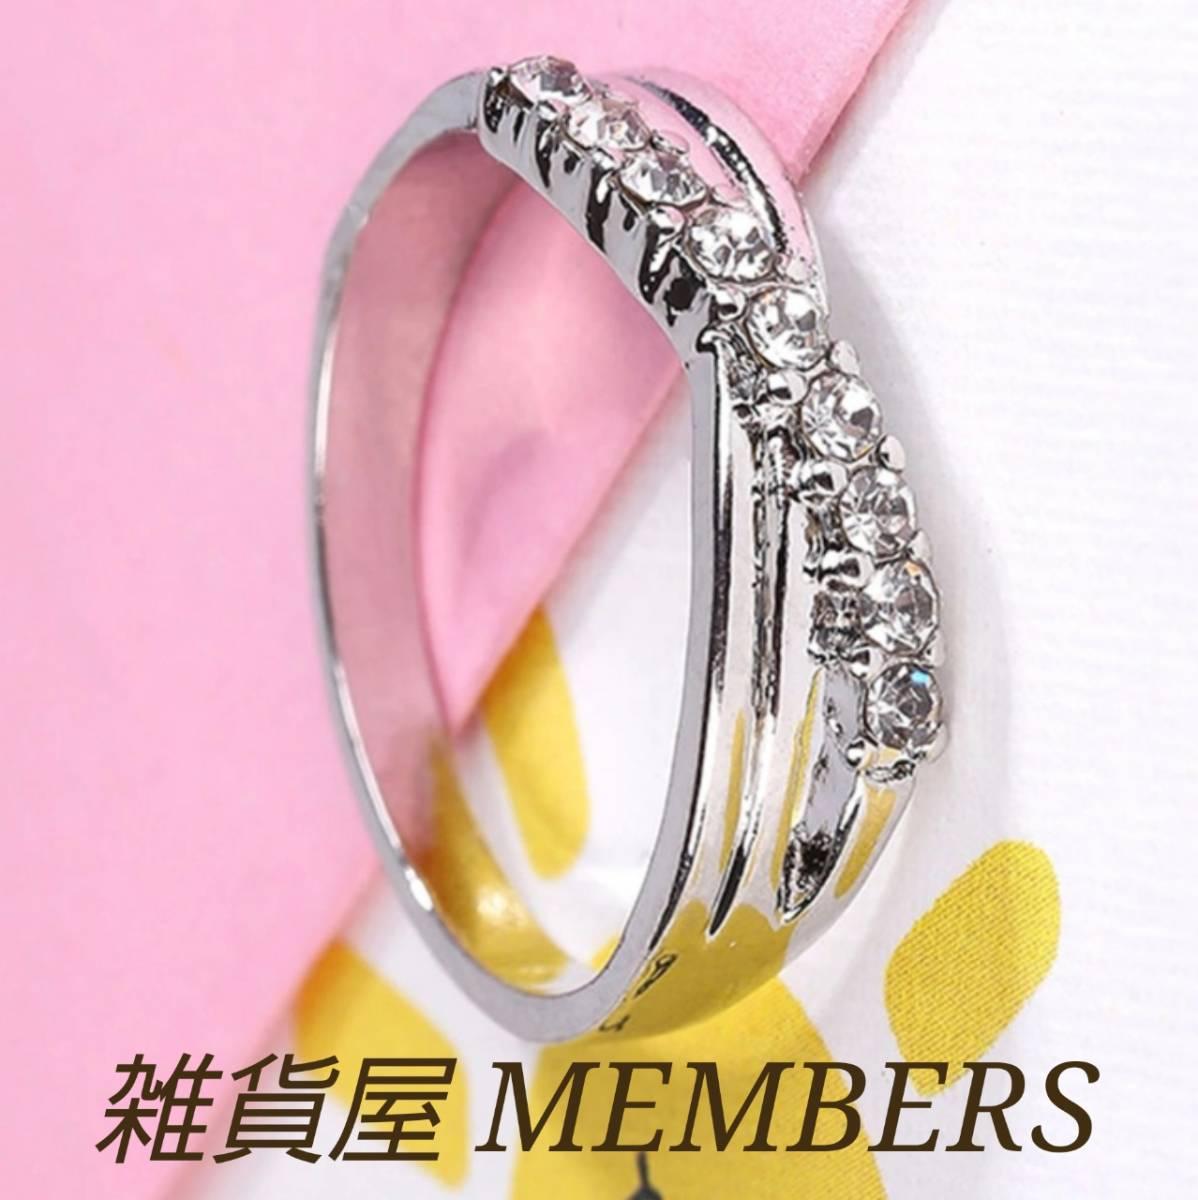 送料無料17号クロムシルバークリアスーパーCZダイヤモンドデザイナーズジュエリーインフィニティリング指輪値下げ残りわずか_画像2